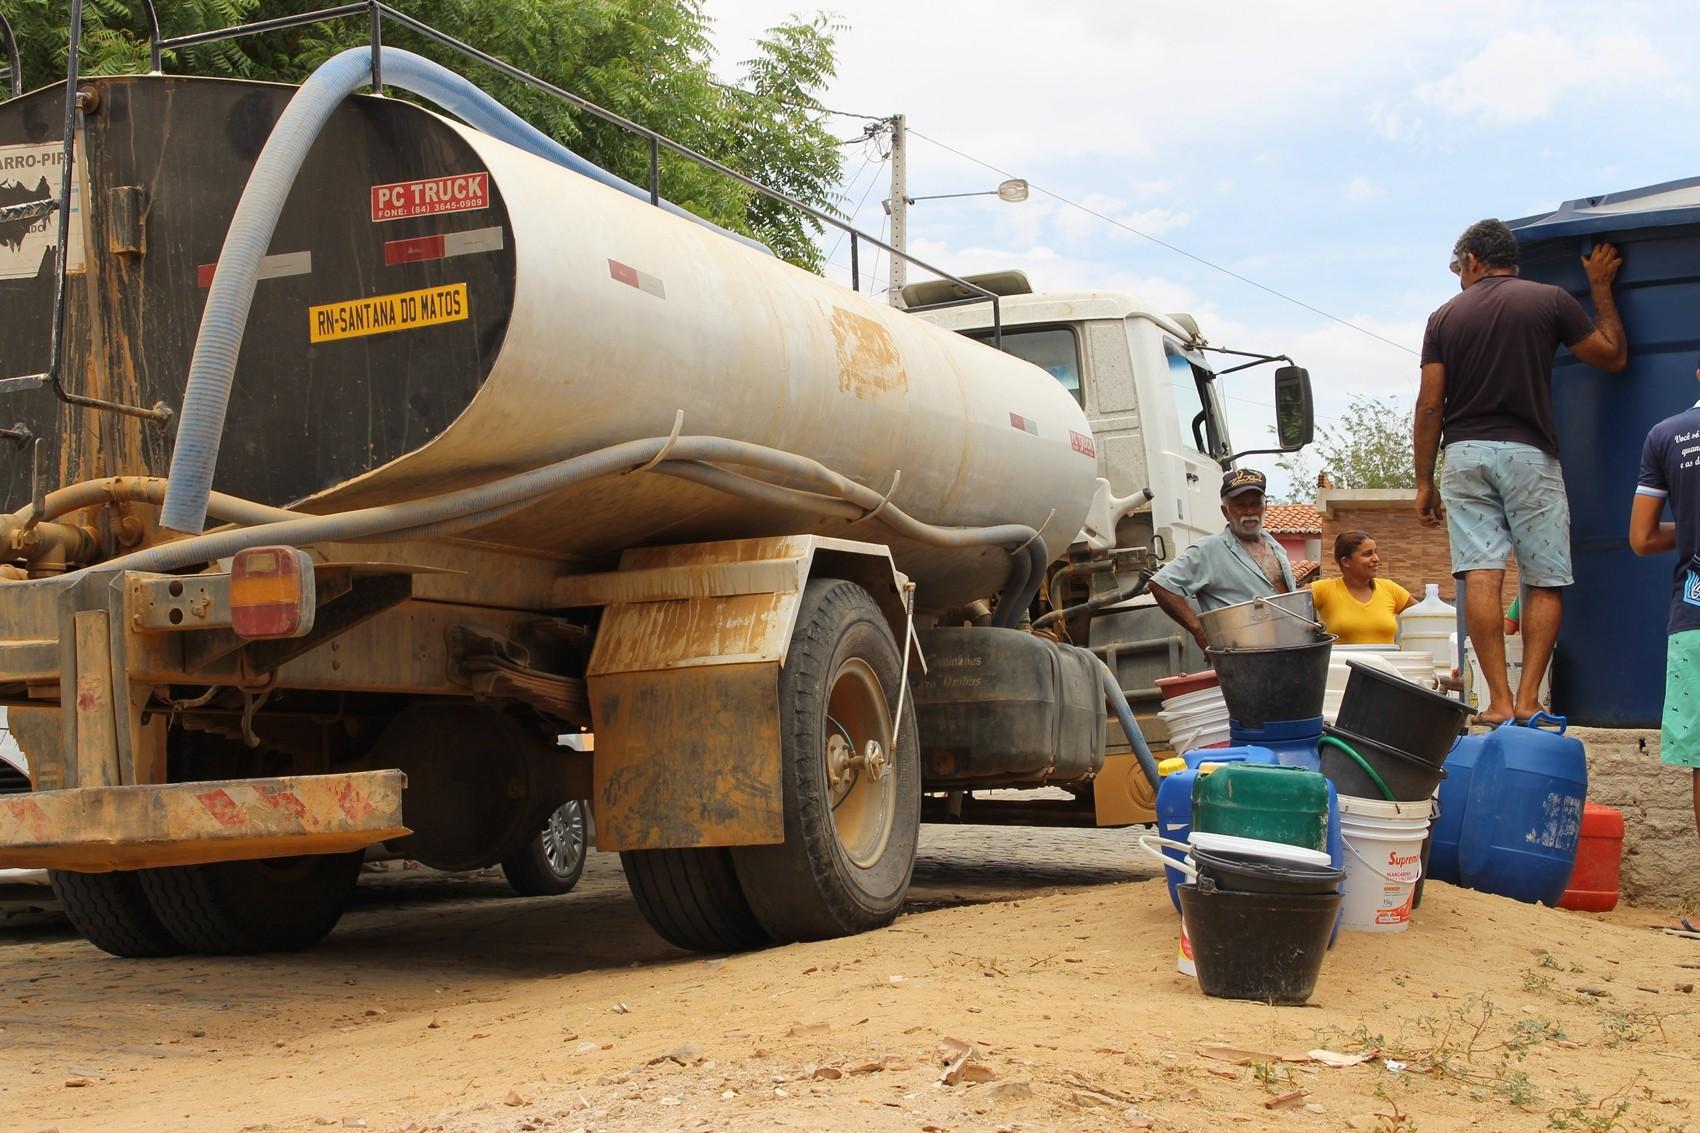 Prazo para municípios do RN informarem dados sobre seca acaba nesta quarta-feira - Noticias